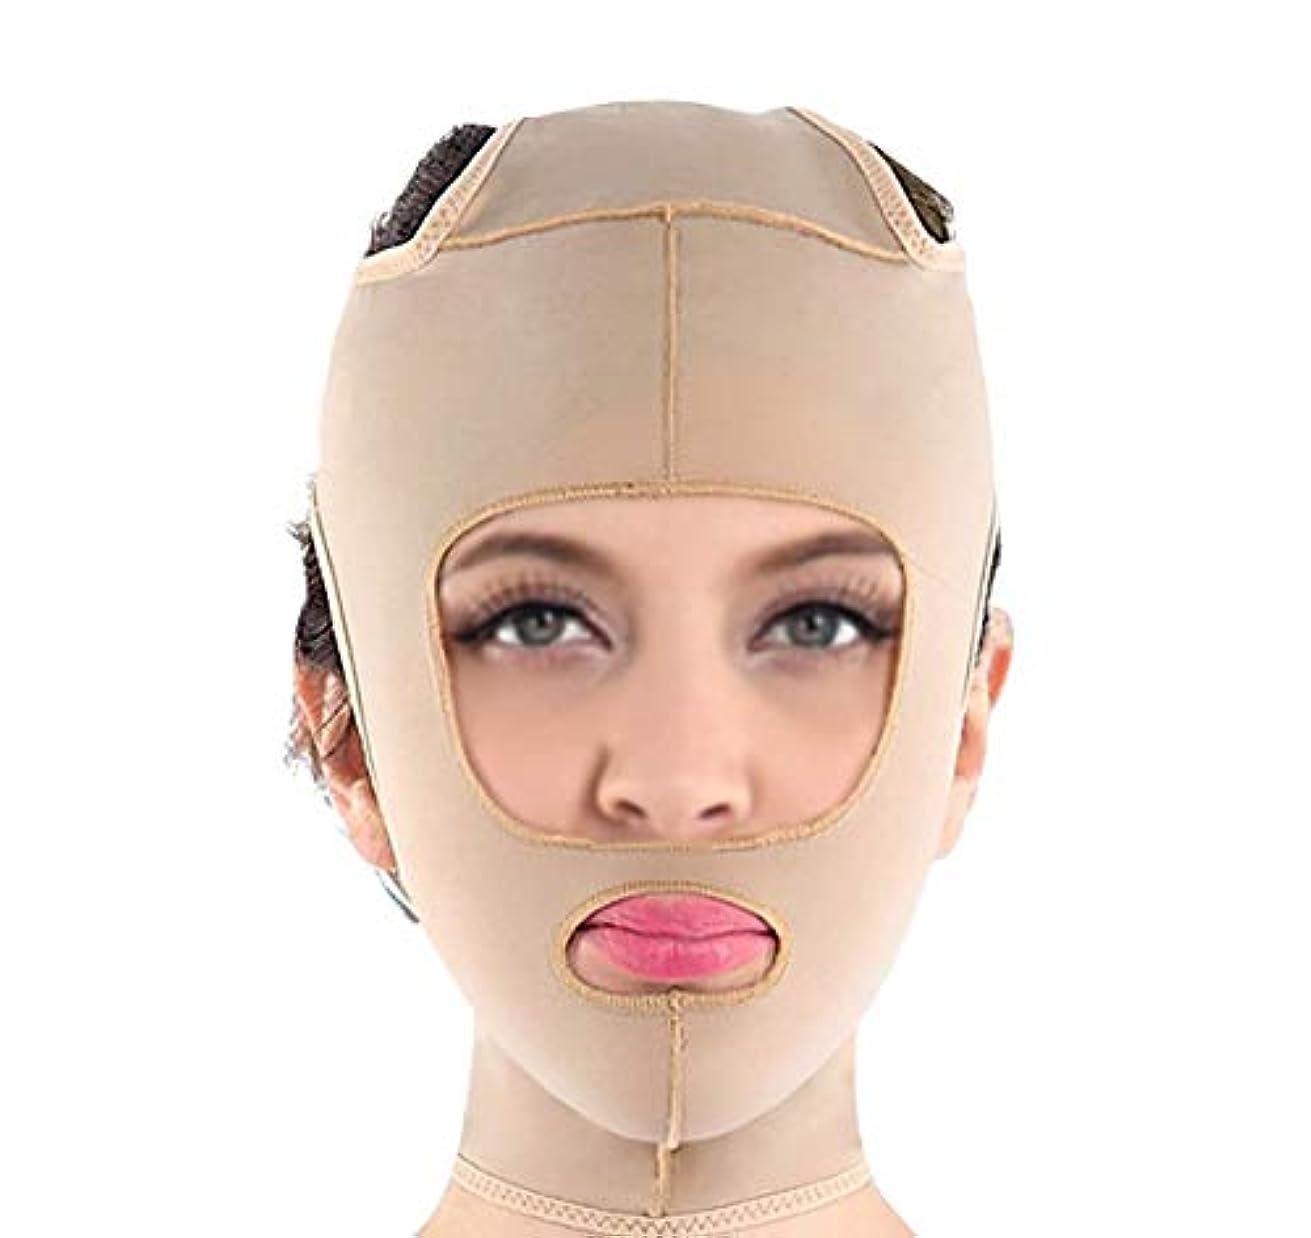 エアコン同意するファイバ包帯vフェイス楽器フェイスマスクマジックフェイスフェイシャルフェイシャルフェイシャルマッサージフェイシャルリンクルリフティング引き締めビニールマスク(サイズ:L),L